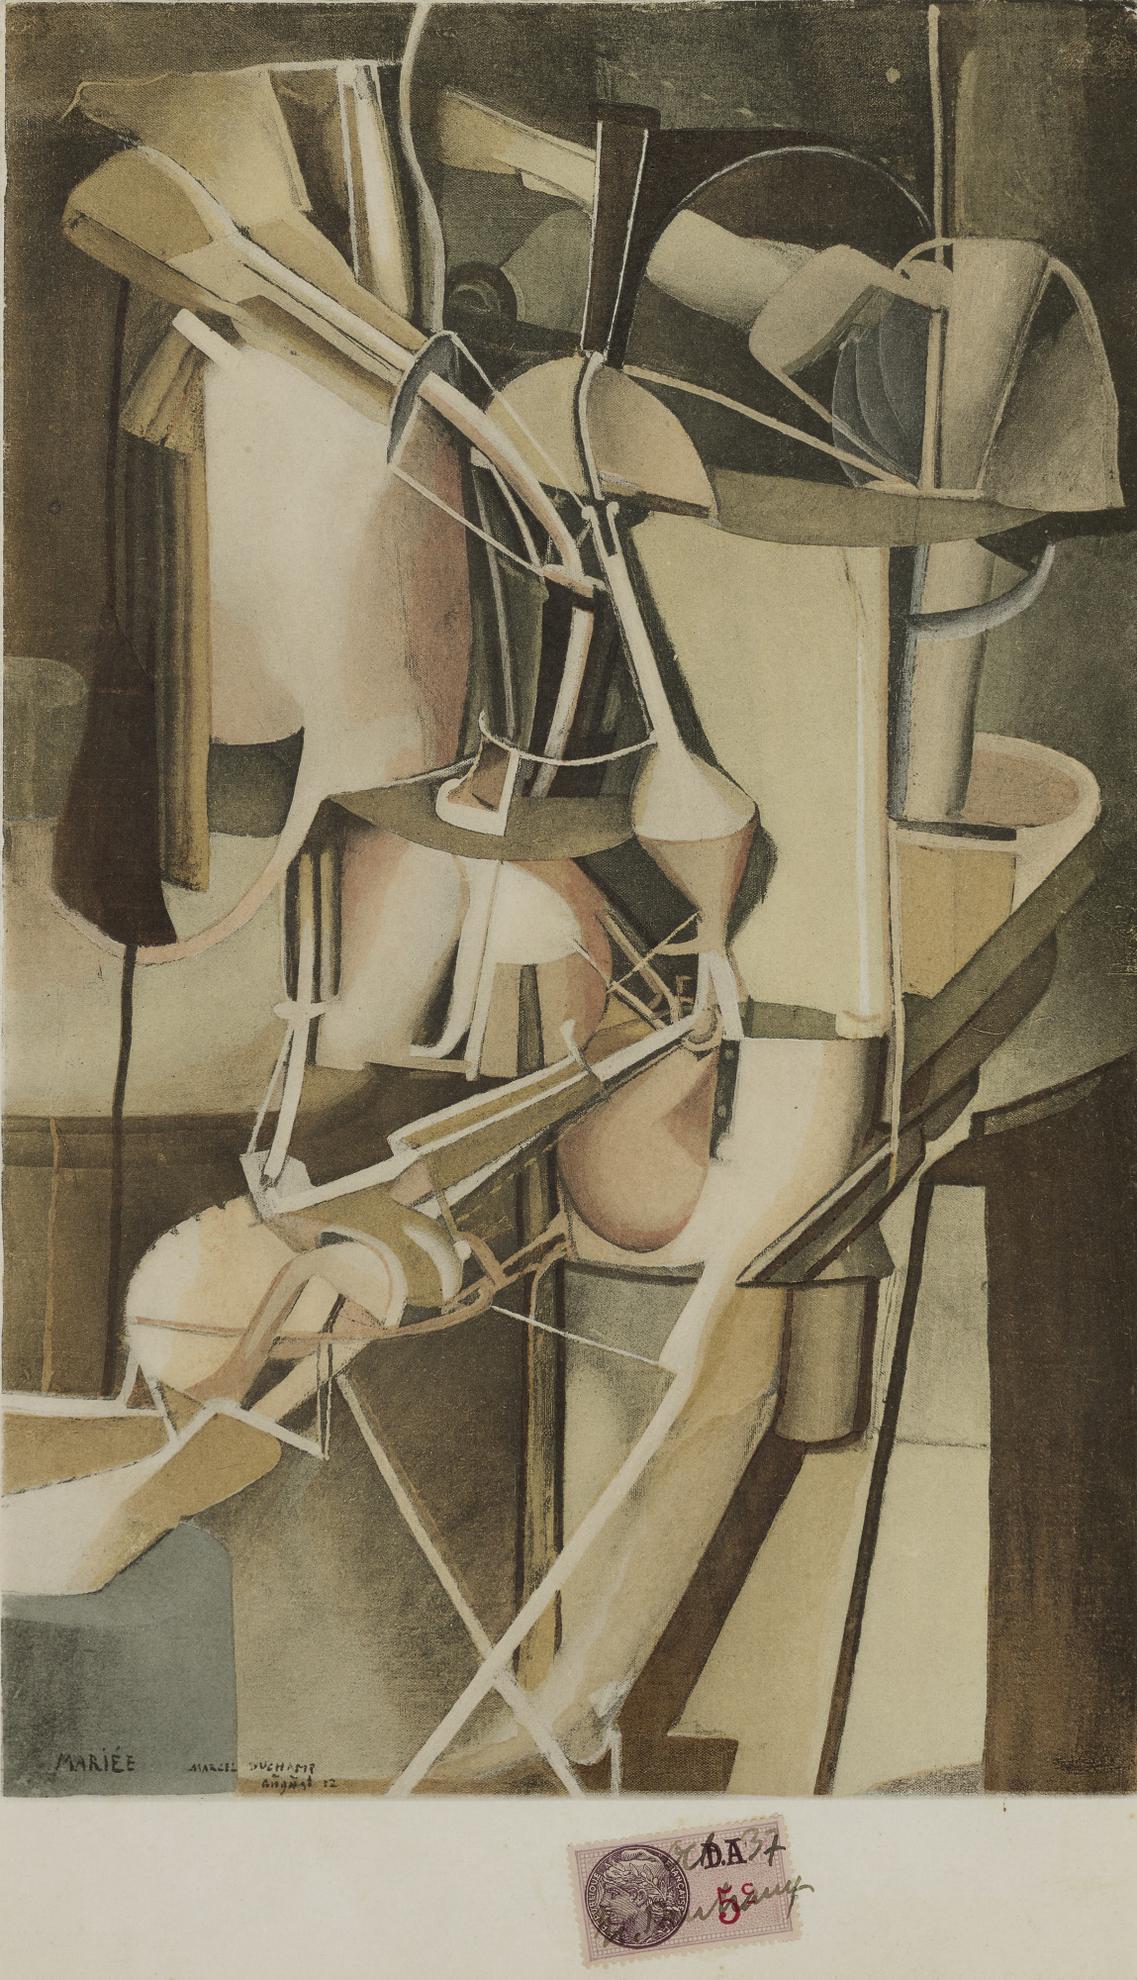 Marcel Duchamp-Mariee-1937